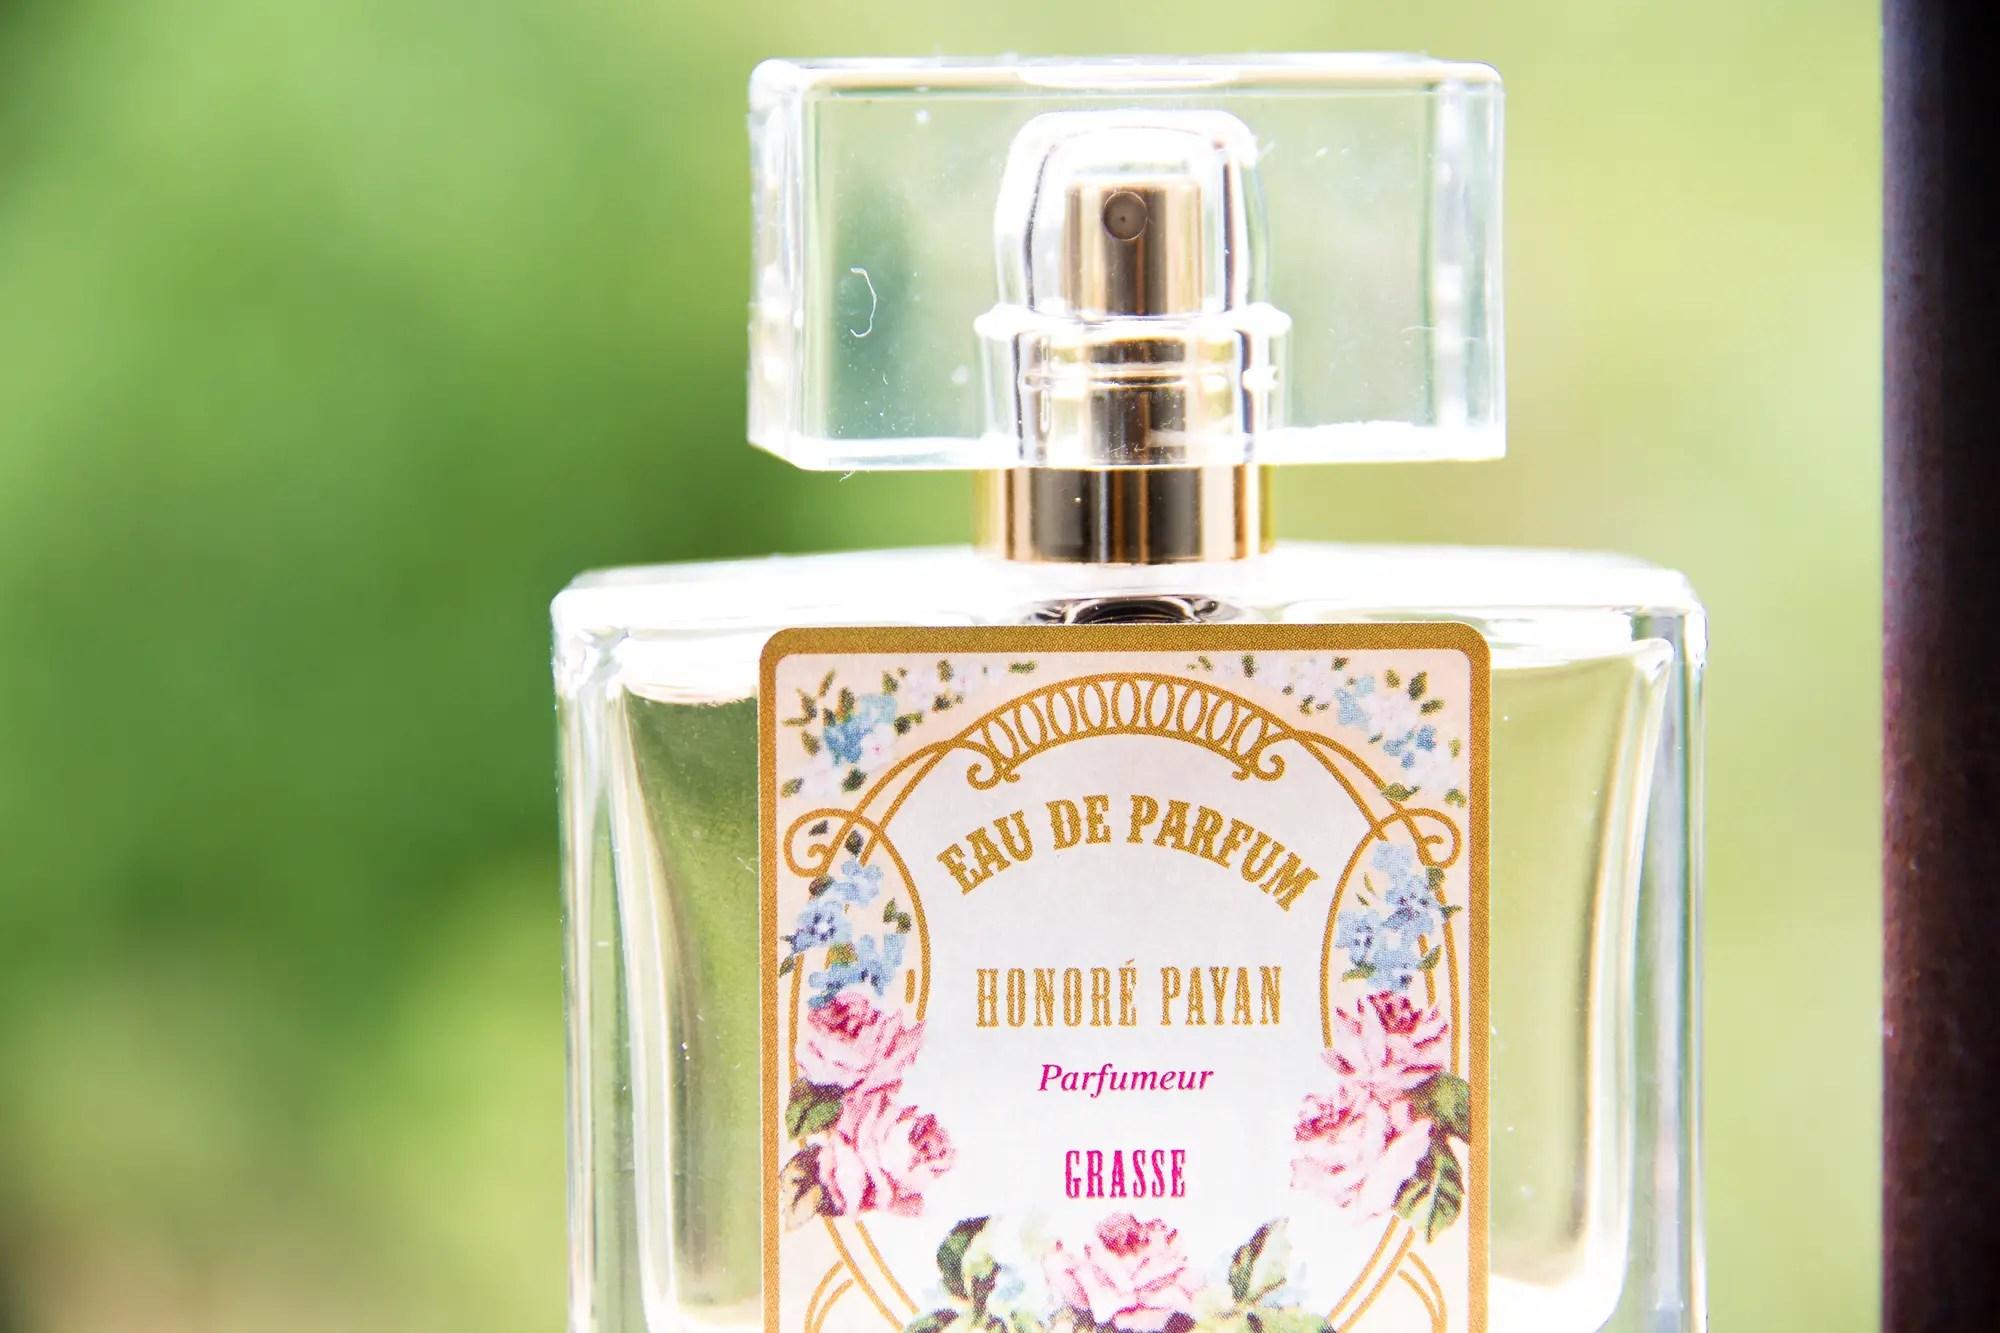 Parfum Honoré Payan